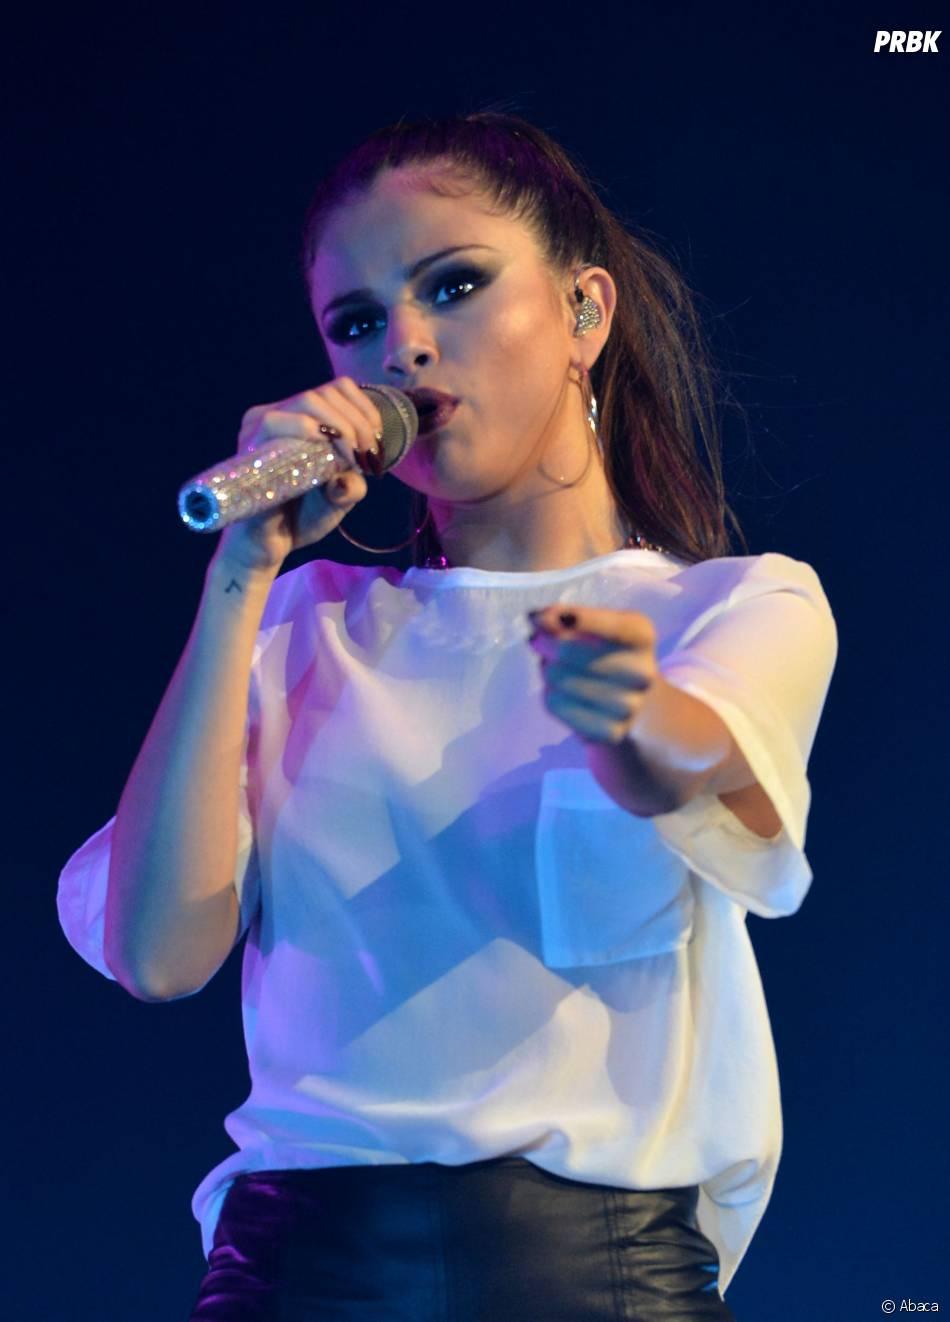 Selena Gomez en concert au Zénith de Paris, jeudi 5 septembre 2013